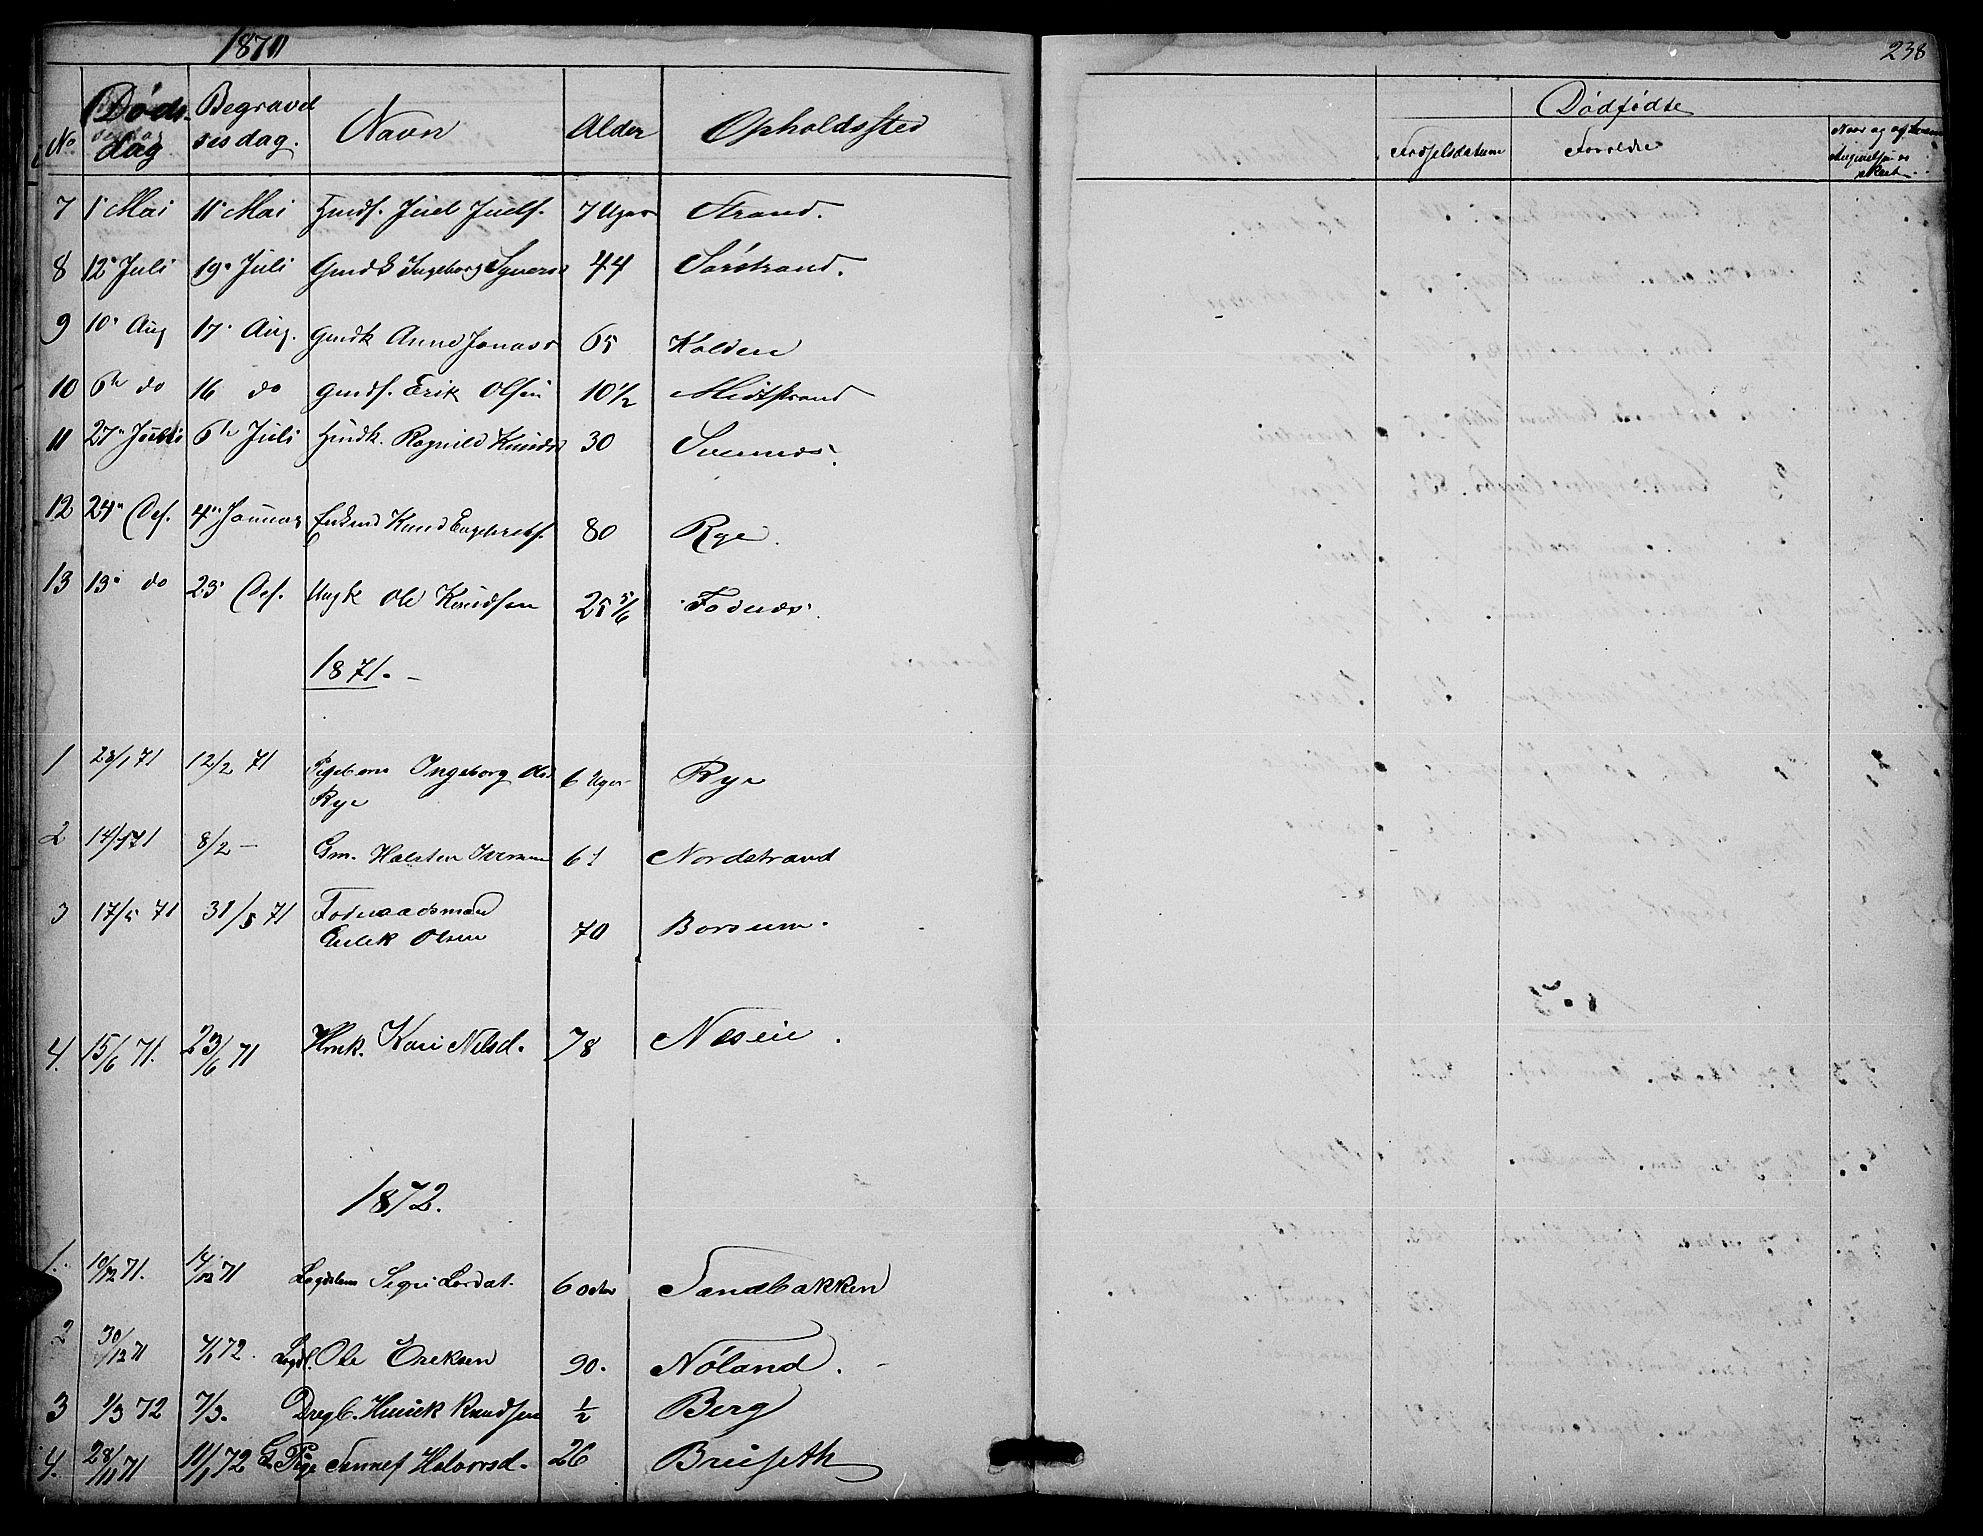 SAH, Nord-Aurdal prestekontor, Klokkerbok nr. 3, 1842-1882, s. 238